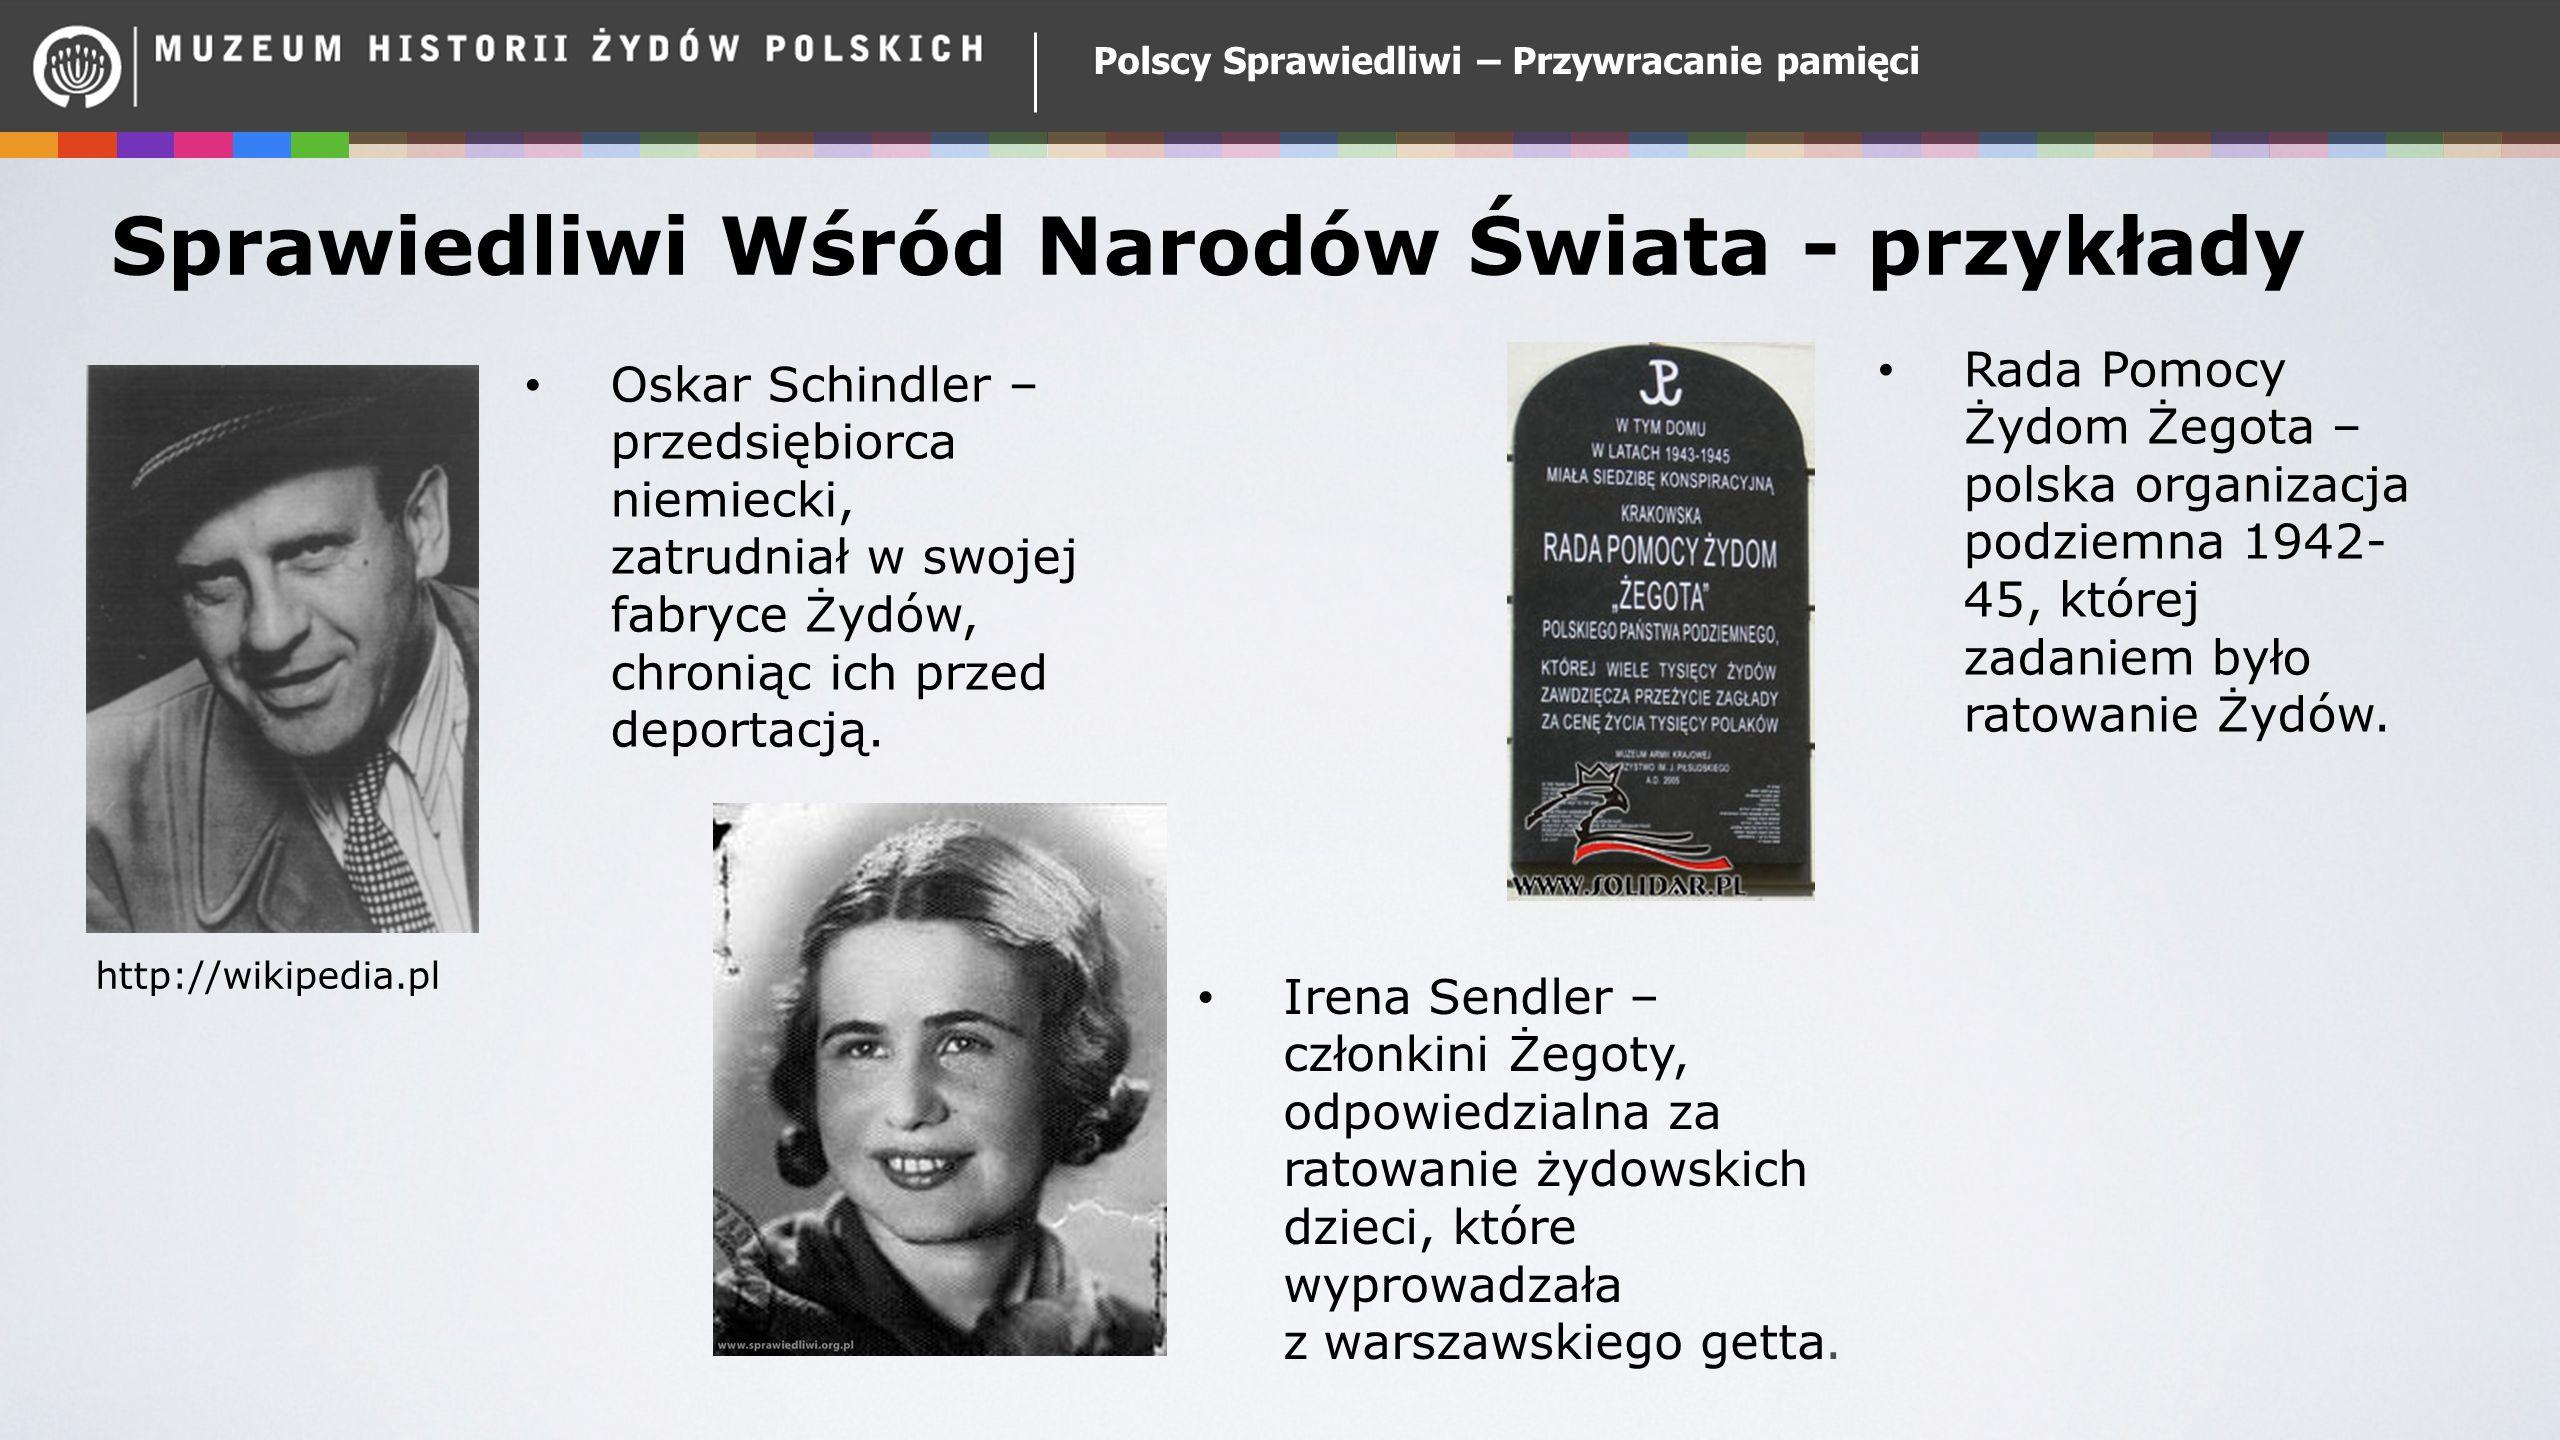 Polscy Sprawiedliwi – Przywracanie pamięci Sprawiedliwi Wśród Narodów Świata - przykłady Oskar Schindler – przedsiębiorca niemiecki, zatrudniał w swoj